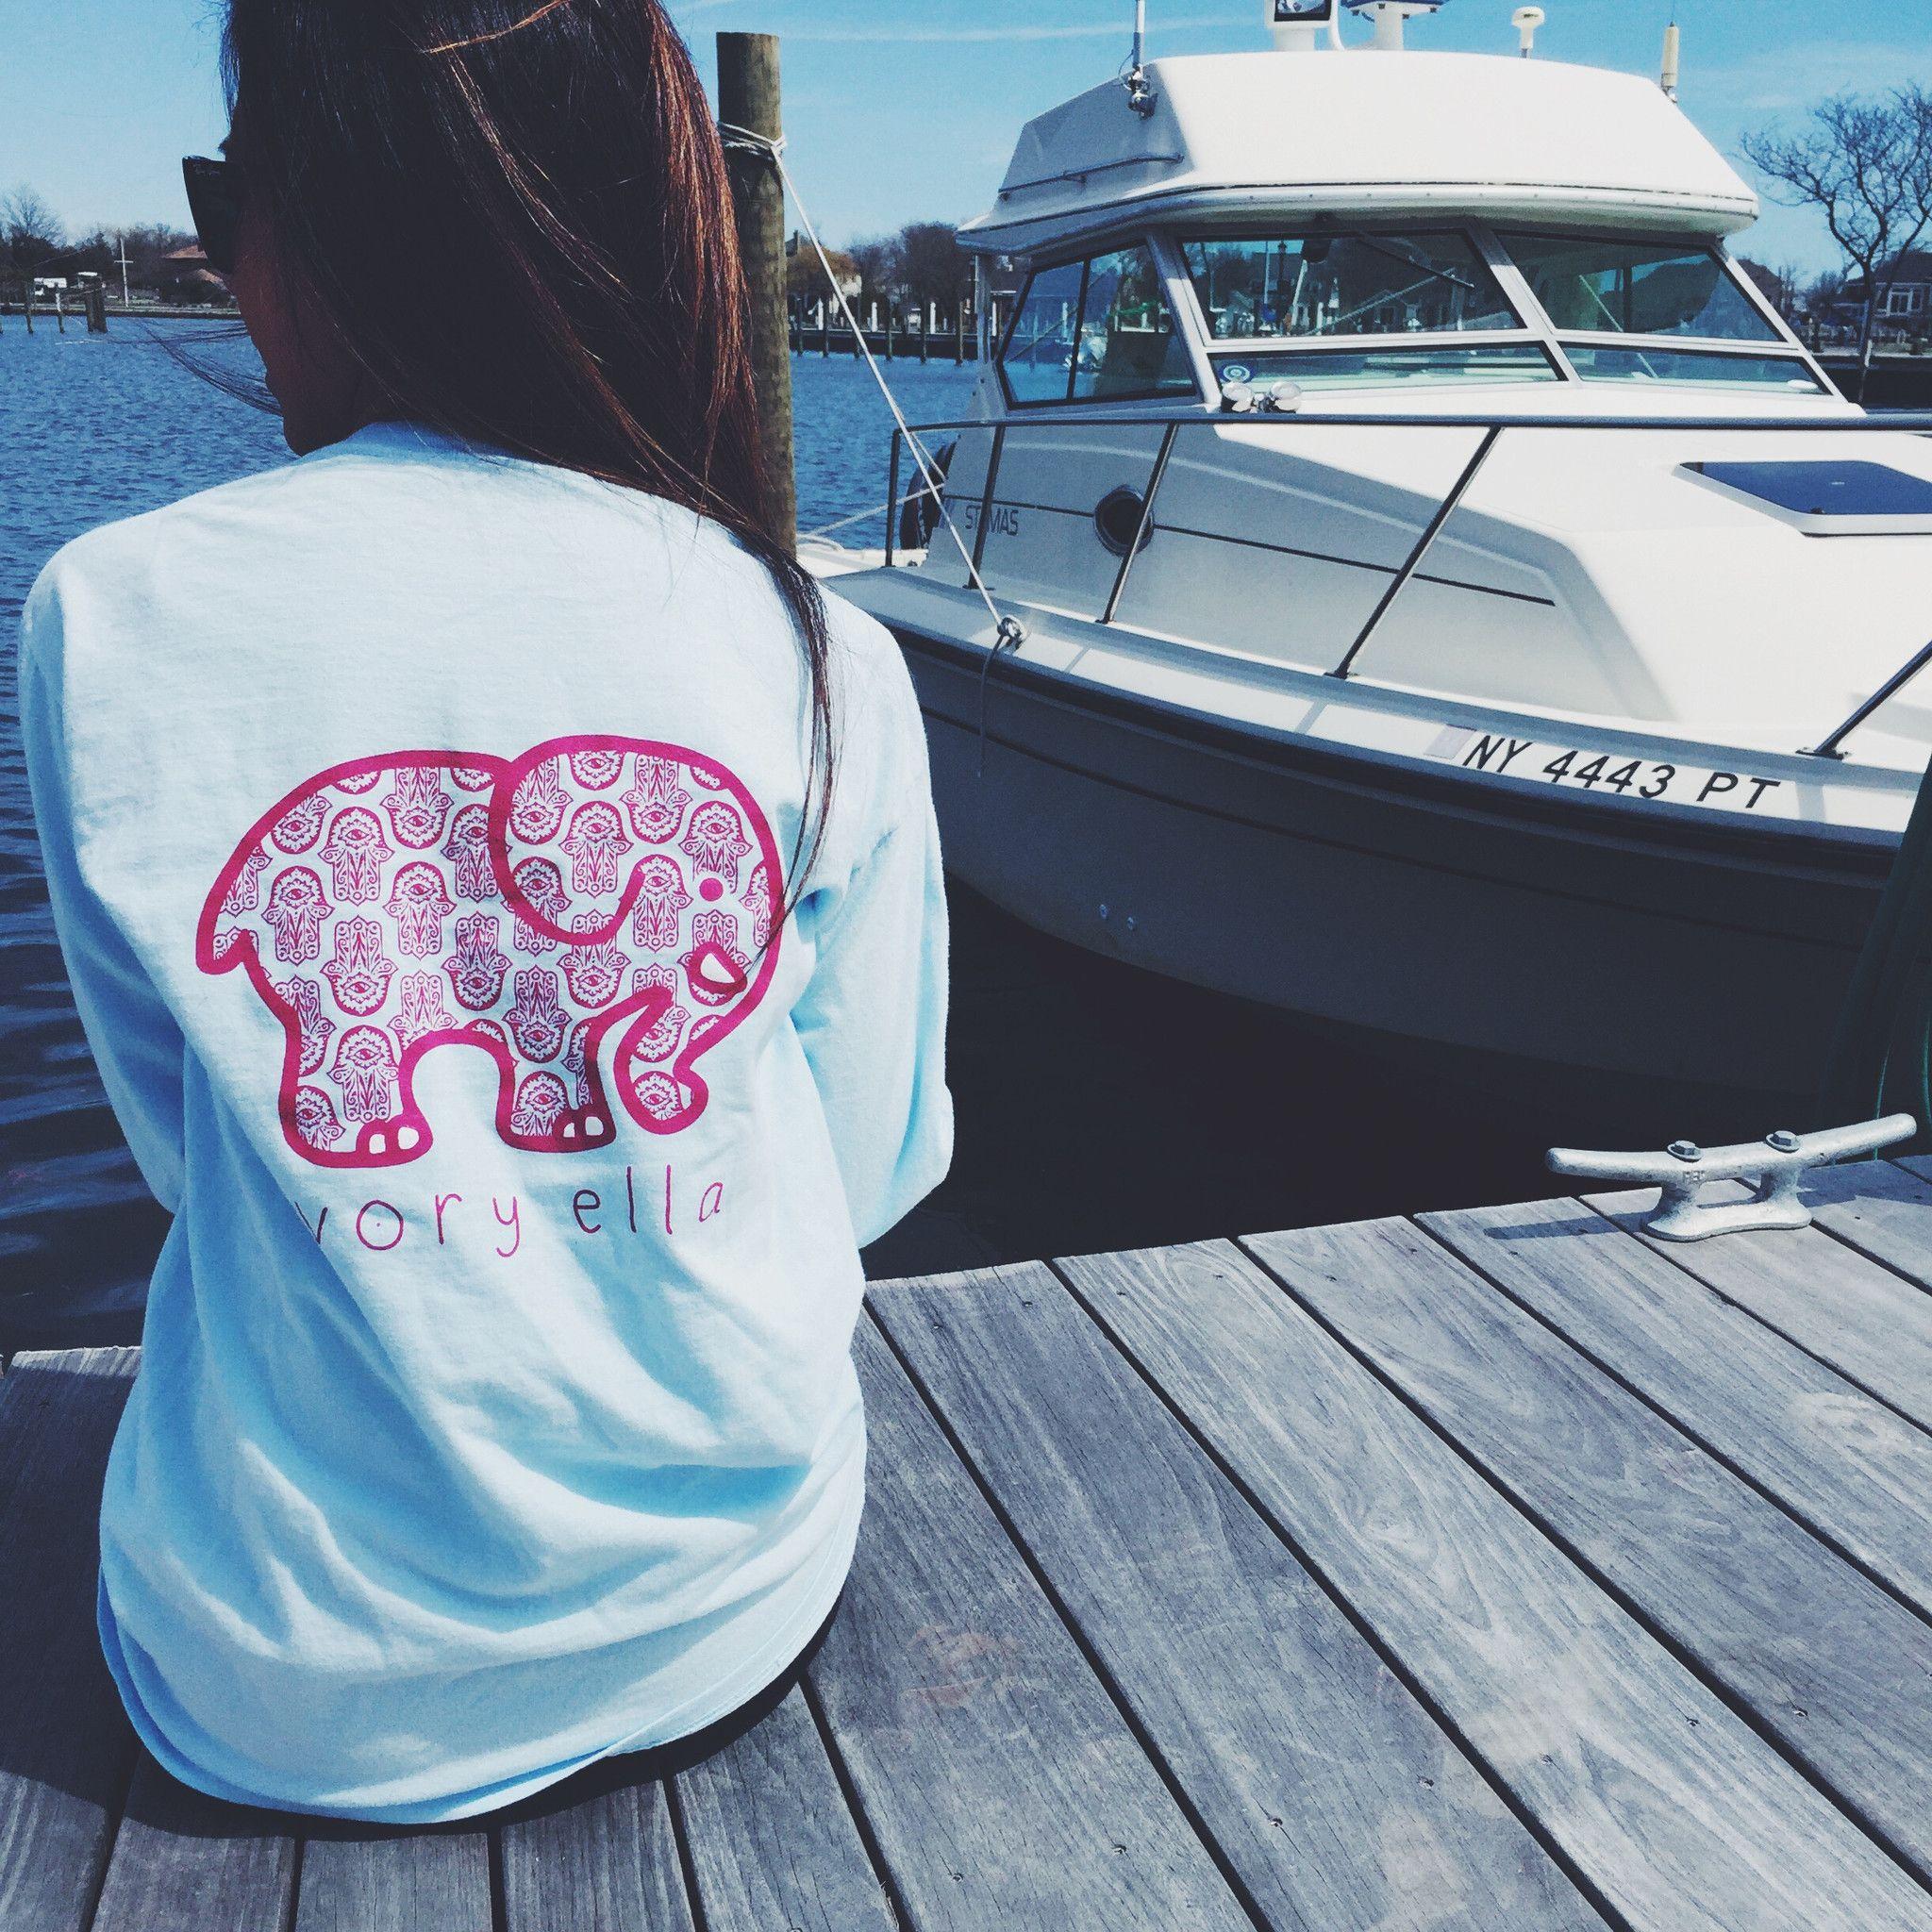 9cfe7d9e132a7a Ivory Elephant Shirts Amazon